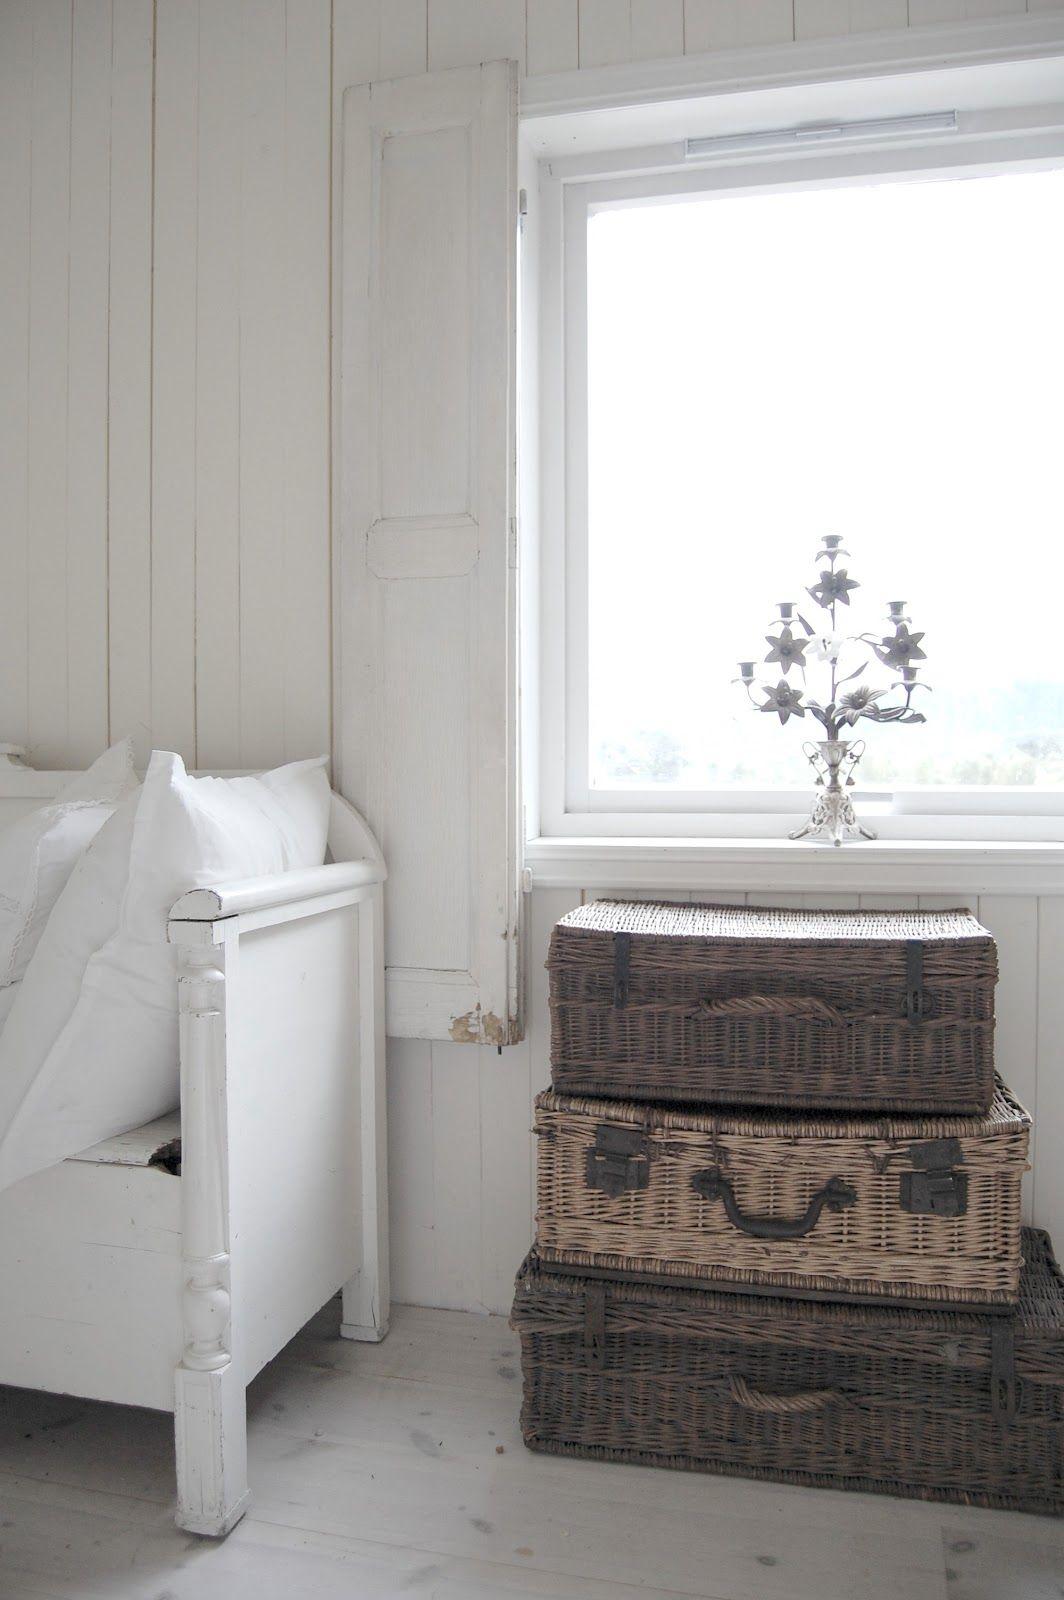 Alberte ba les cofres y valijas muebles decoraci n vintage y mimbre - Baules de mimbre ...